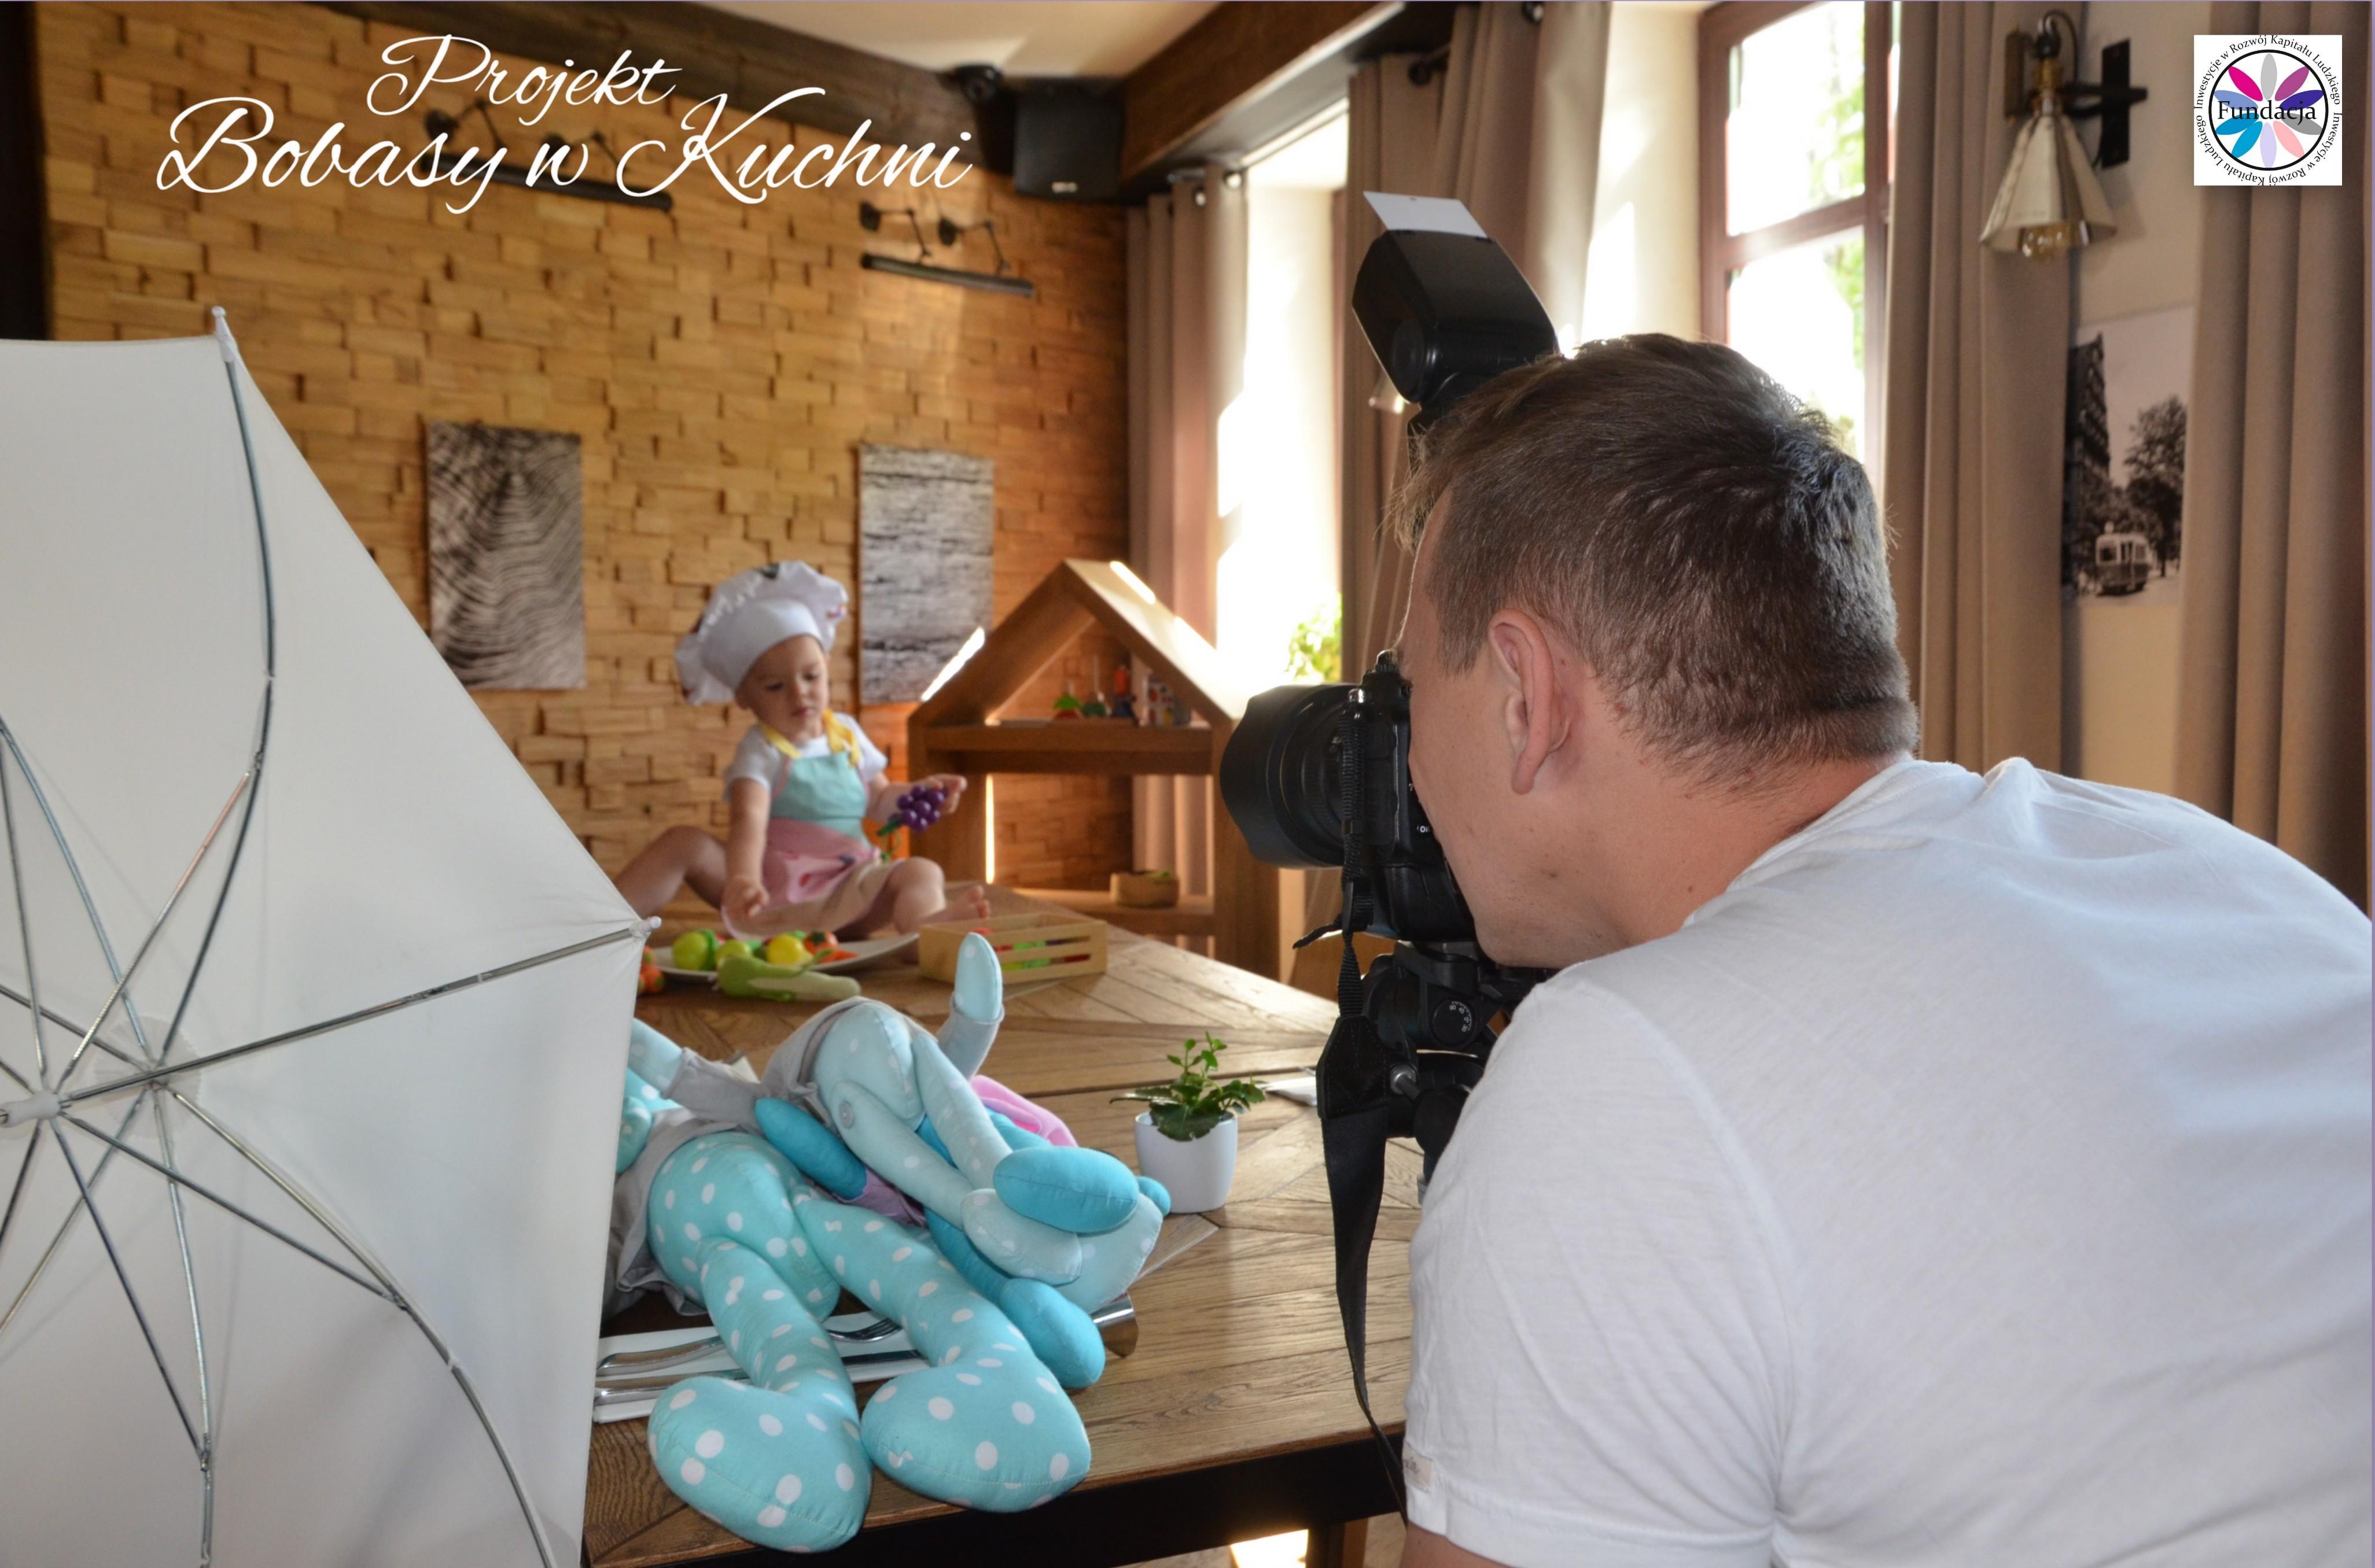 Robert Kaczmarski z Lenką do projektu Bobasy w kuchni sesja6